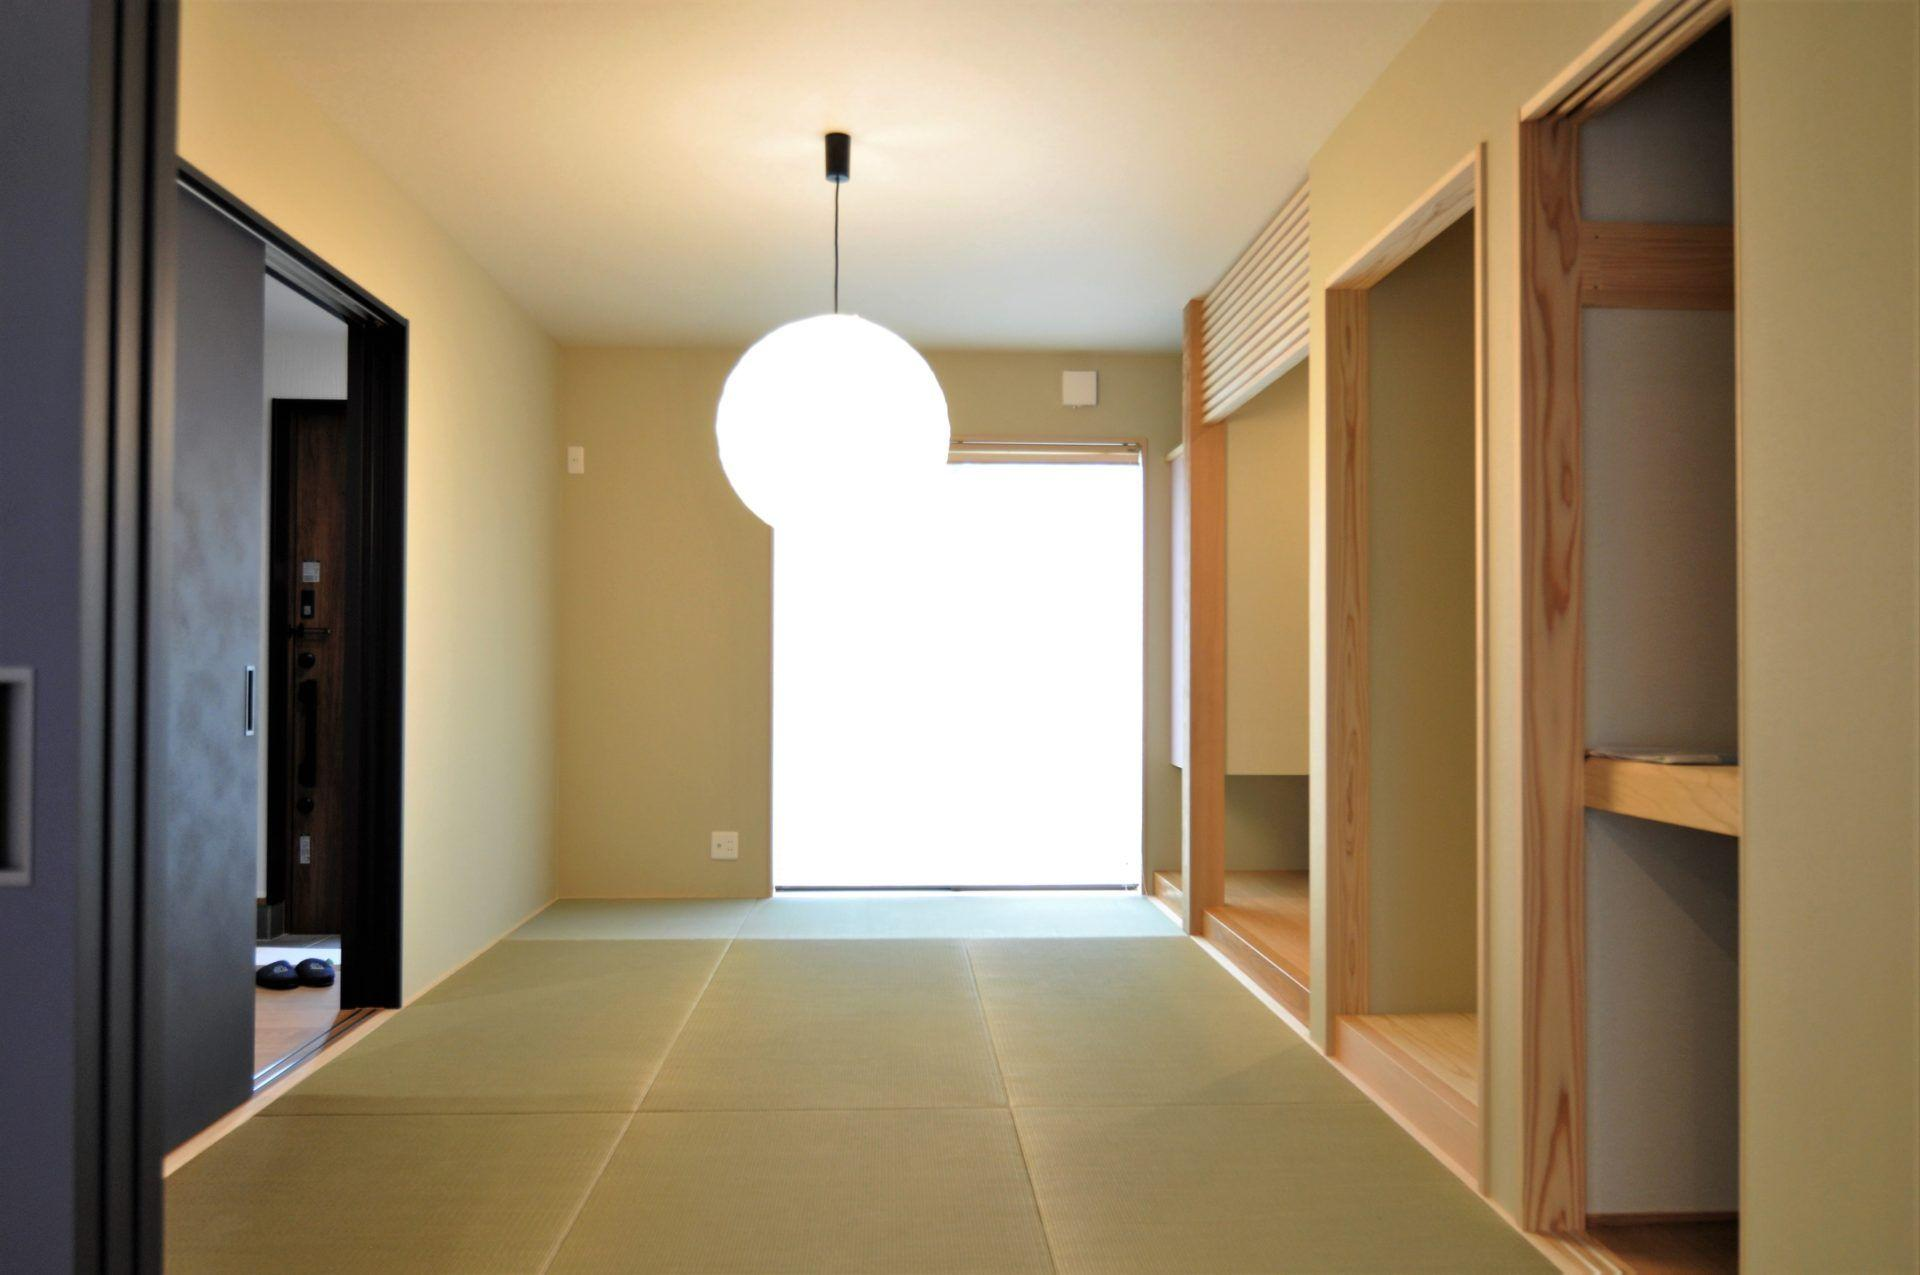 有限会社 市川建築店 1級建築士事務所「三条市 O様邸」の和風・和モダンな居室の実例写真